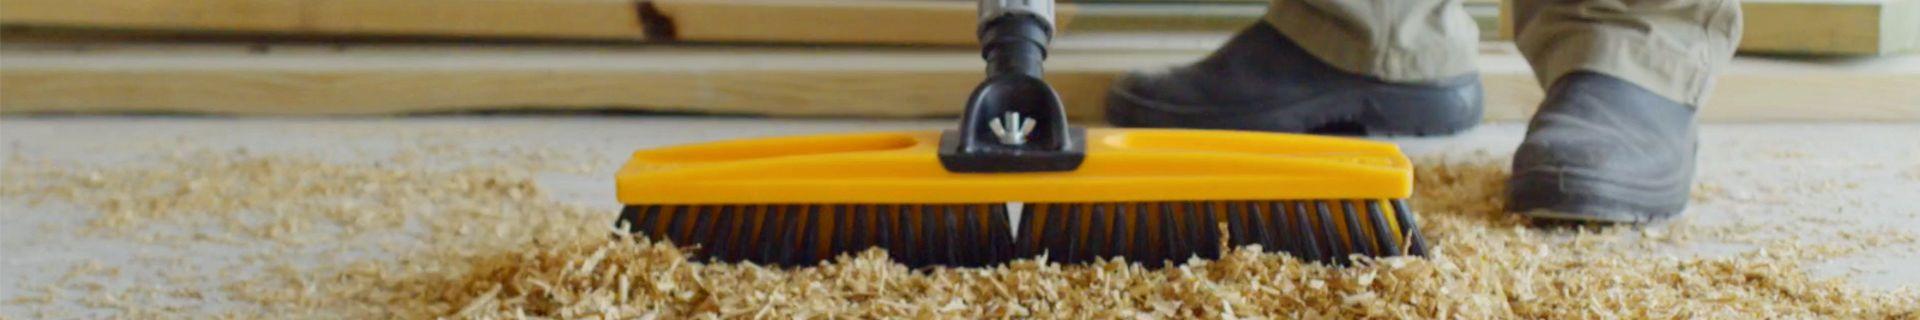 Broom sweeping sawdust.